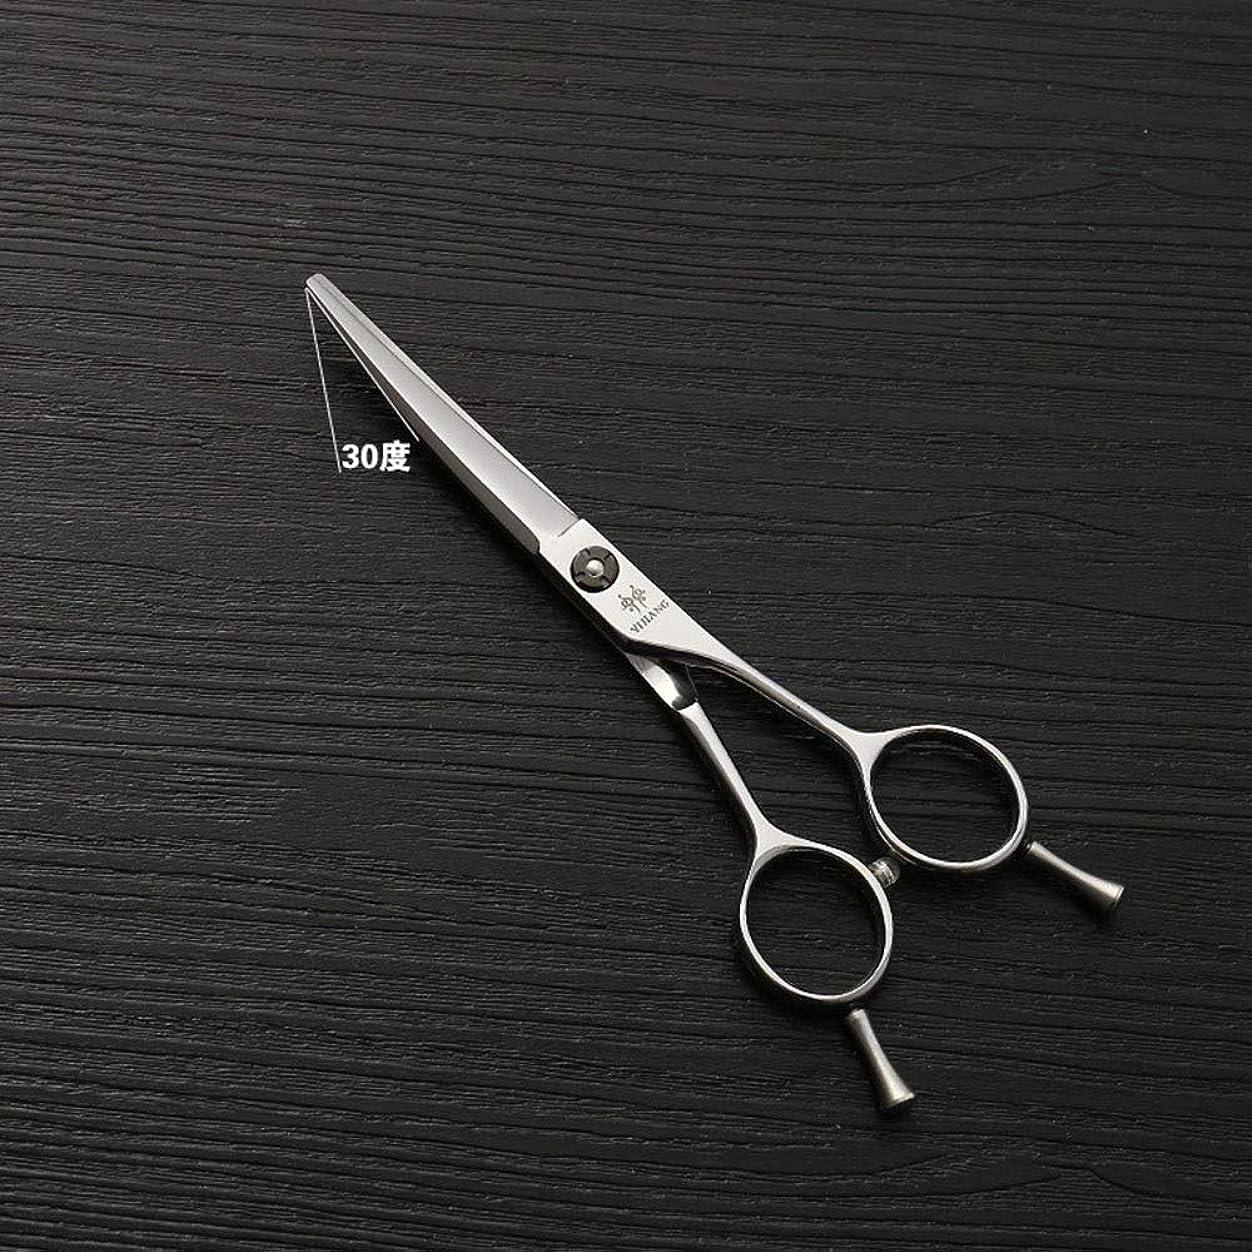 増加するずるい建てる440Cステンレス鋼バリカン、5.5インチ美容院プロのバリカンハイグレードシルバー理髪ツール モデリングツール (色 : Silver)